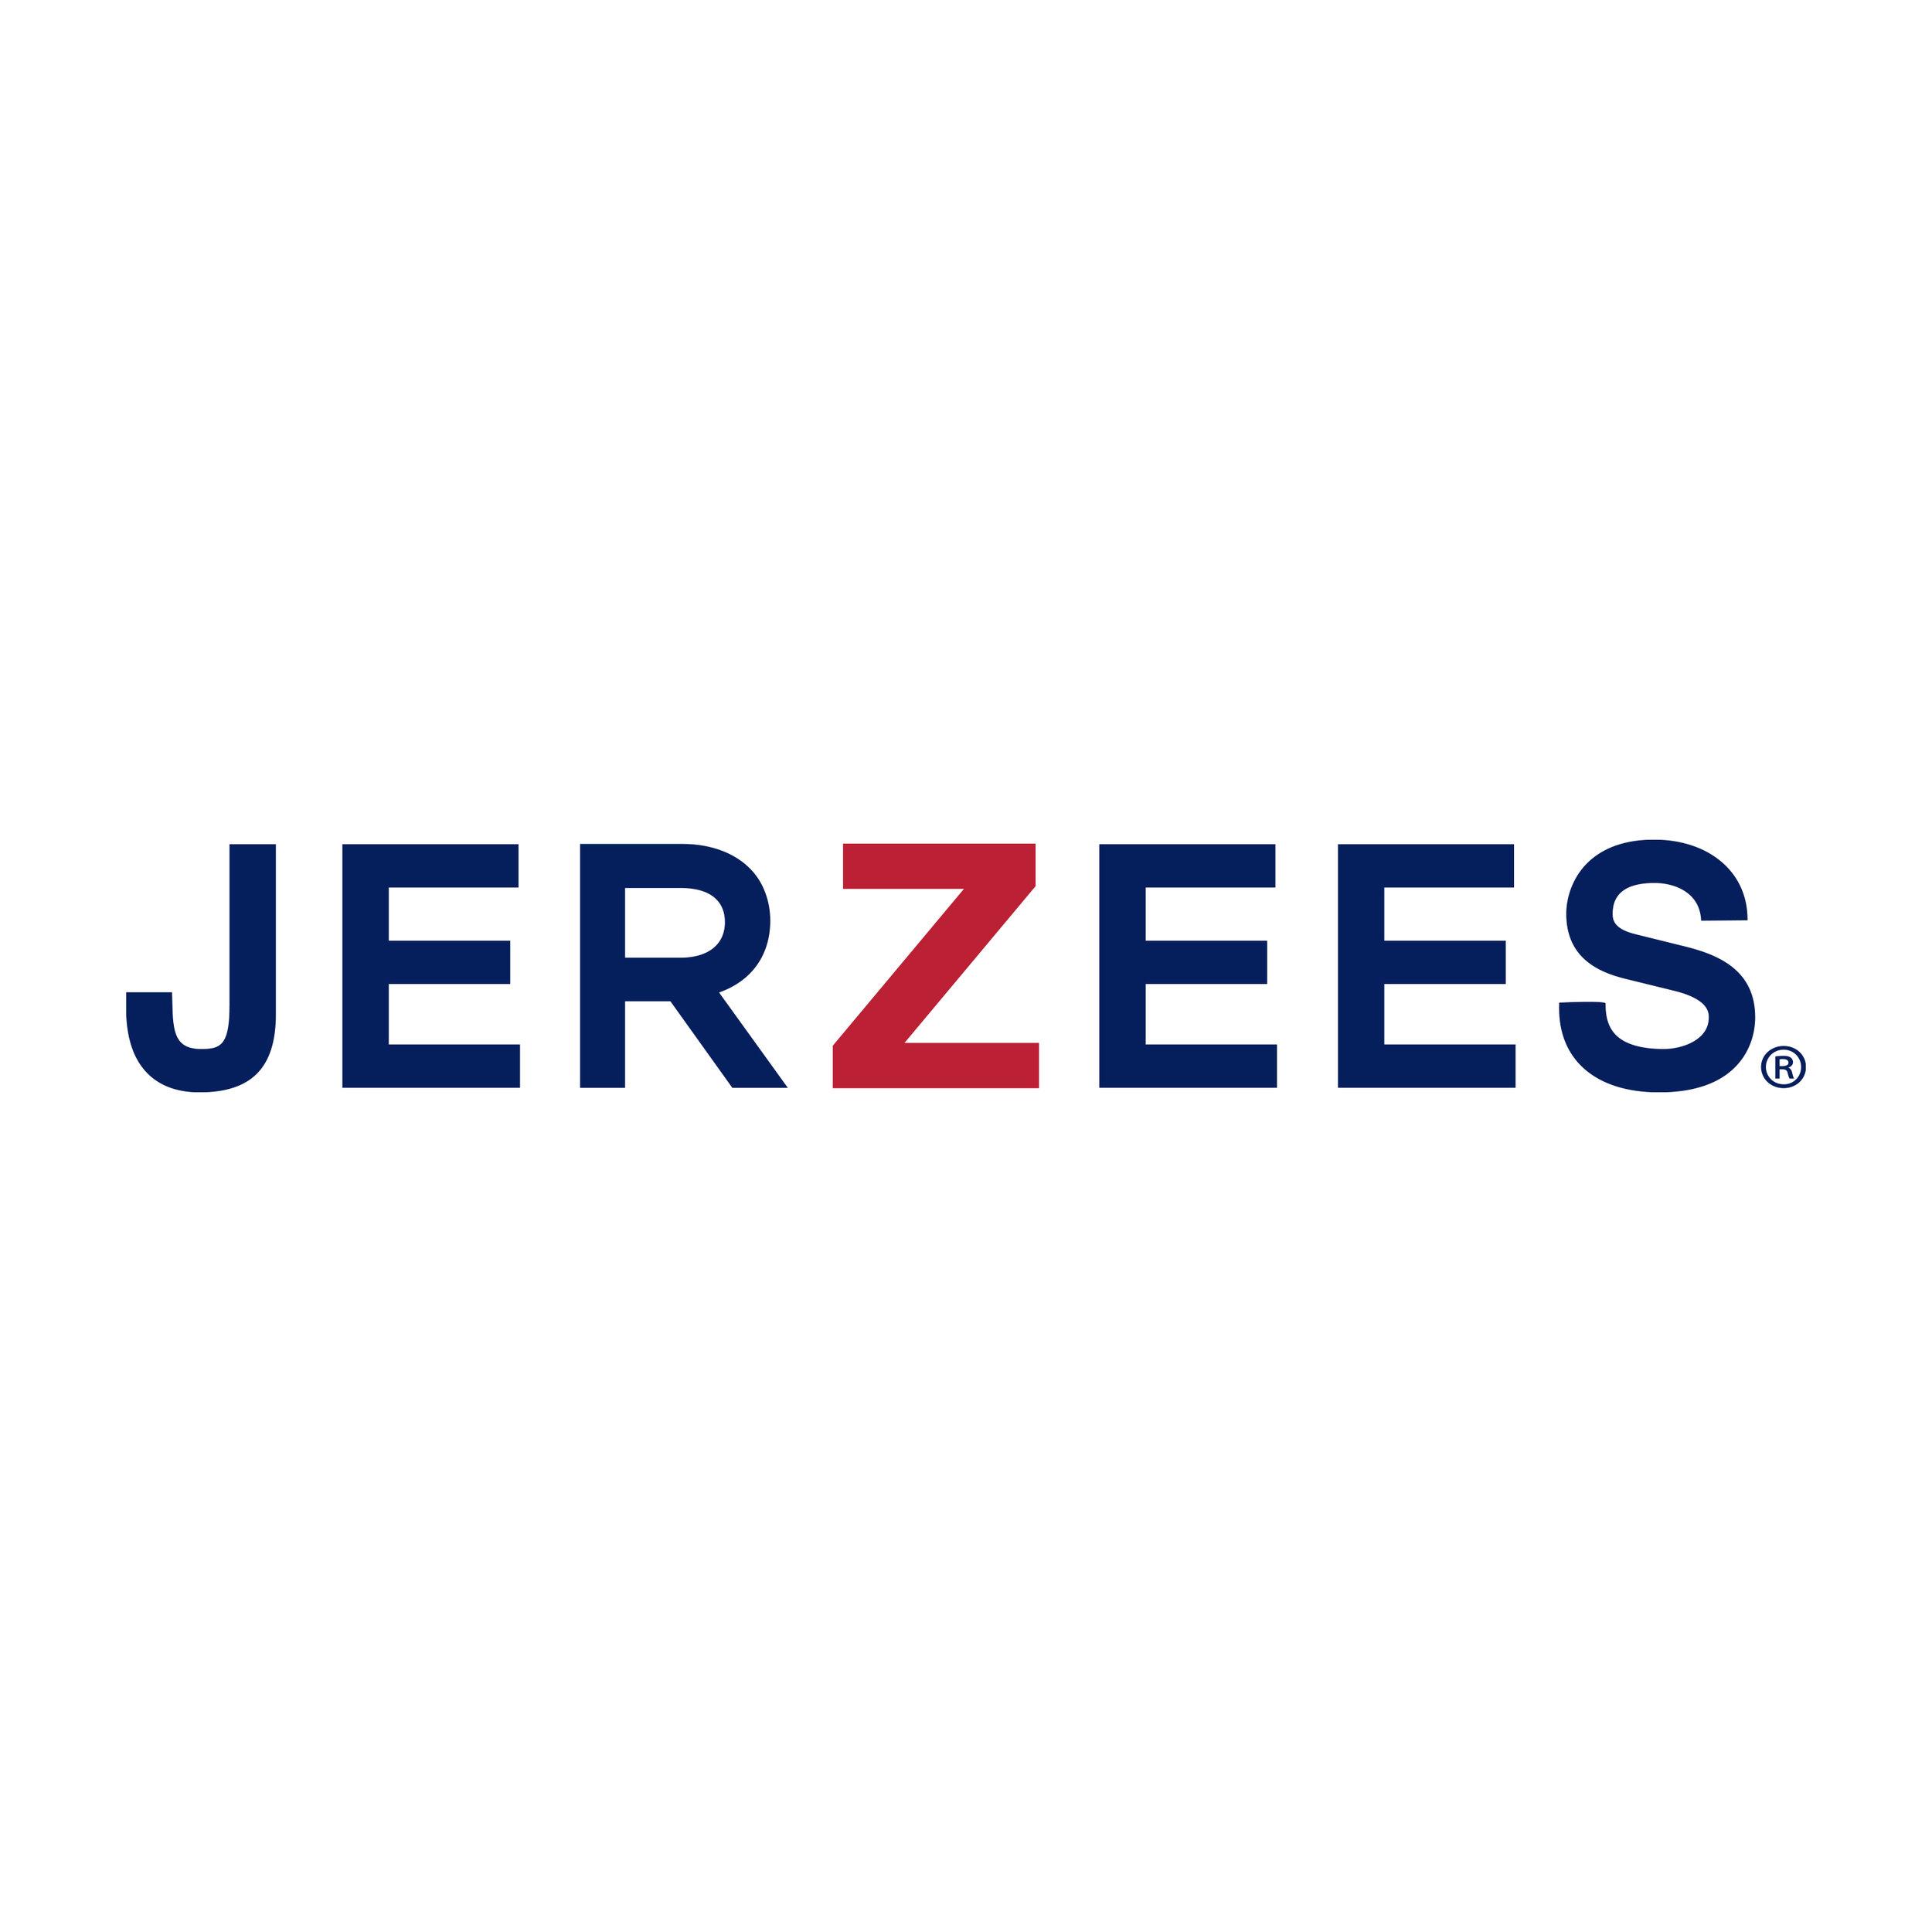 Jerzees_logo2.jpg